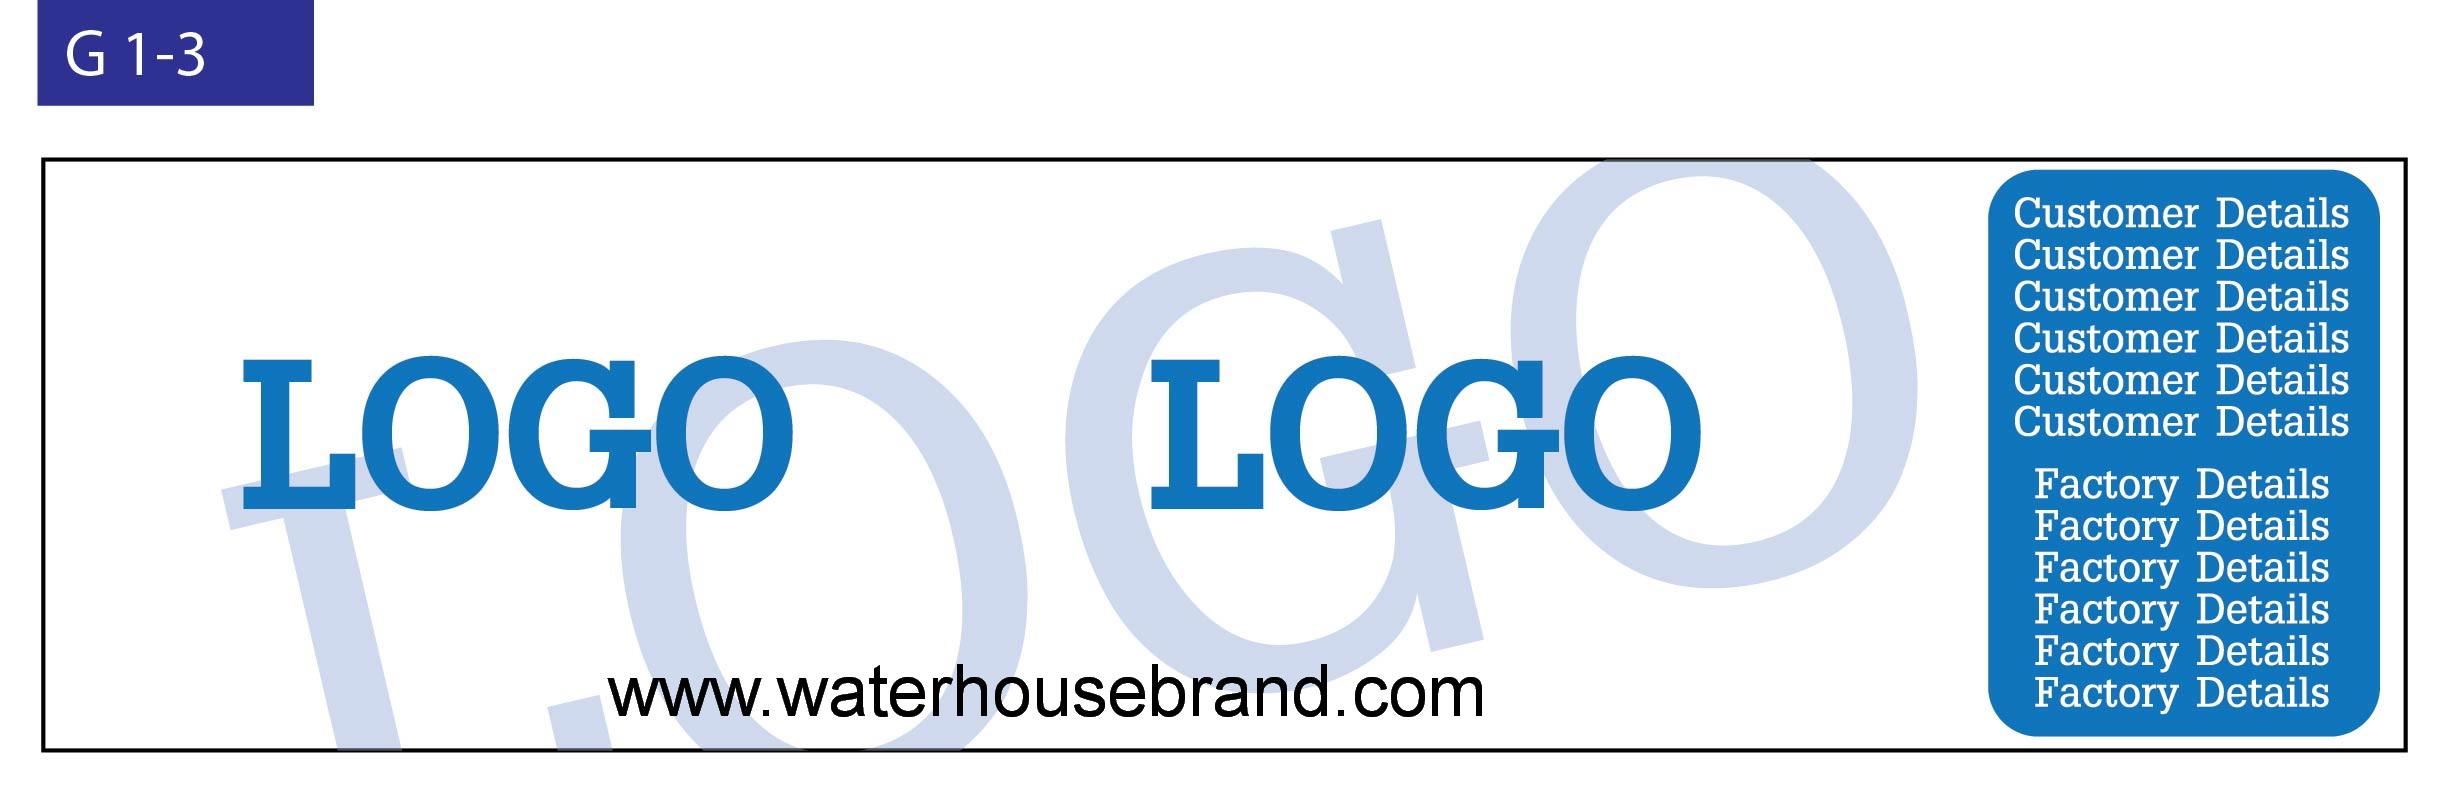 waterhouse-แบบฉลากน้ำดื่ม-g13